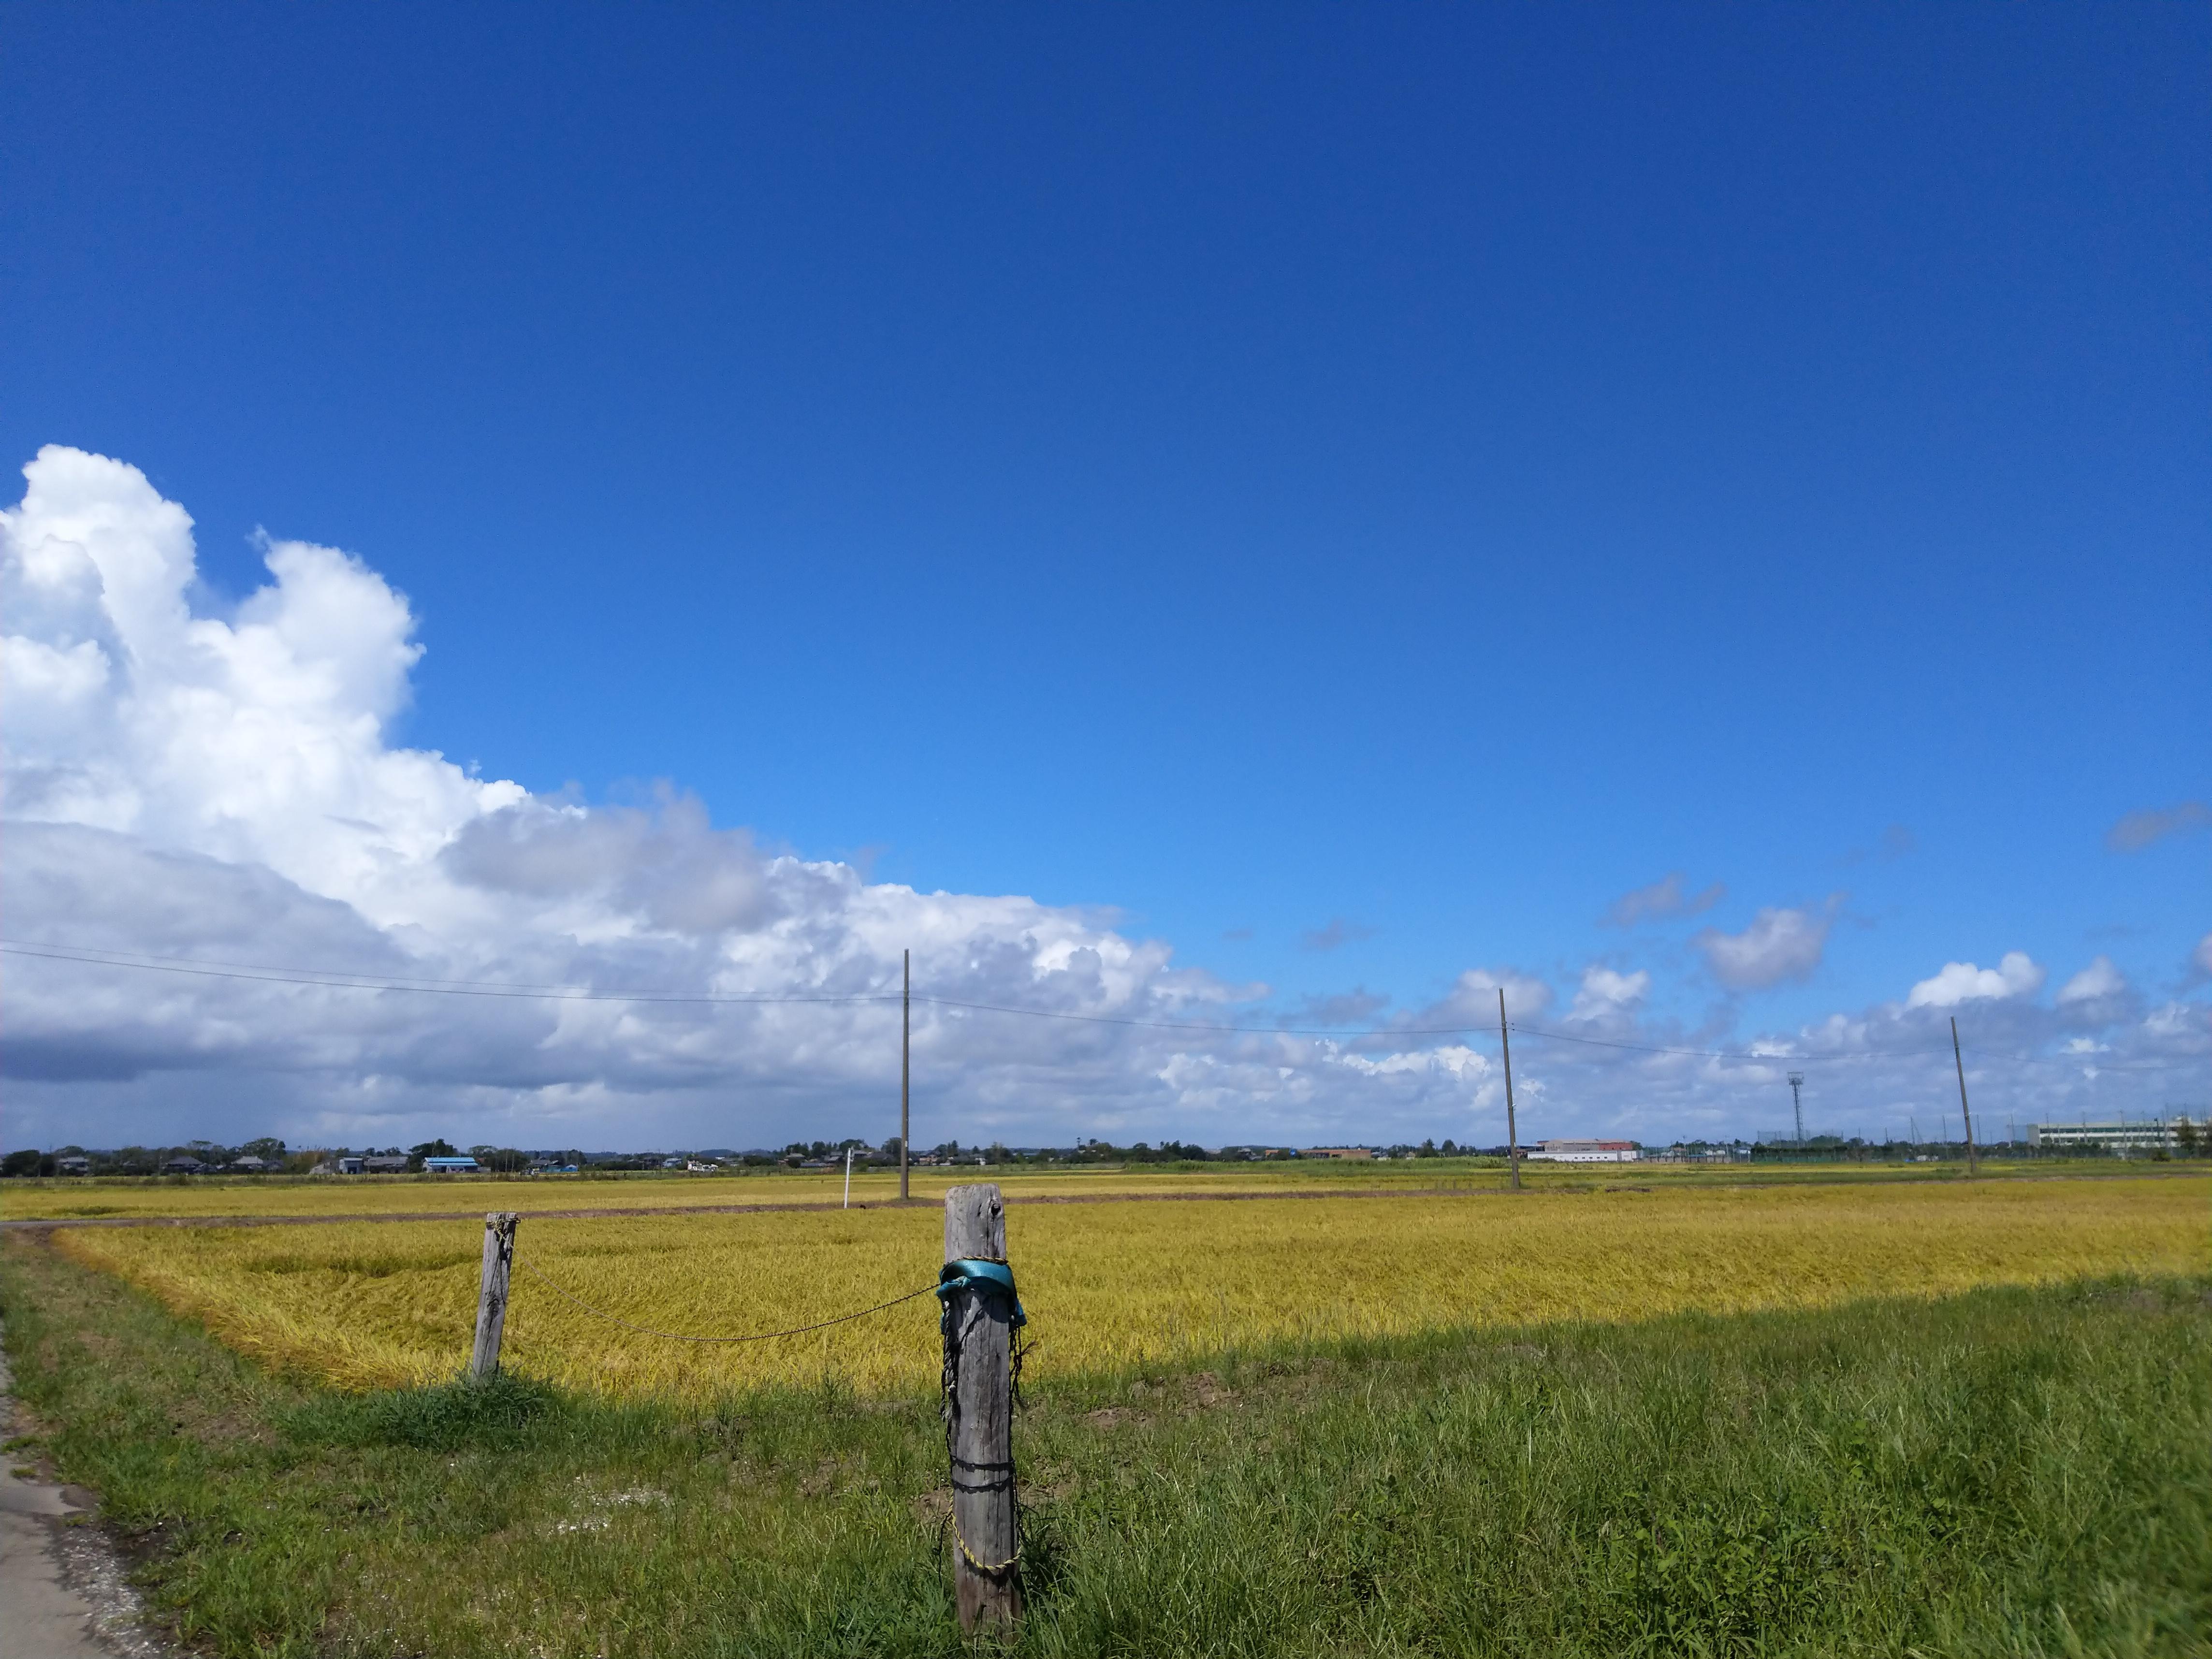 広々とした田んぼの風景(夏の終わり)